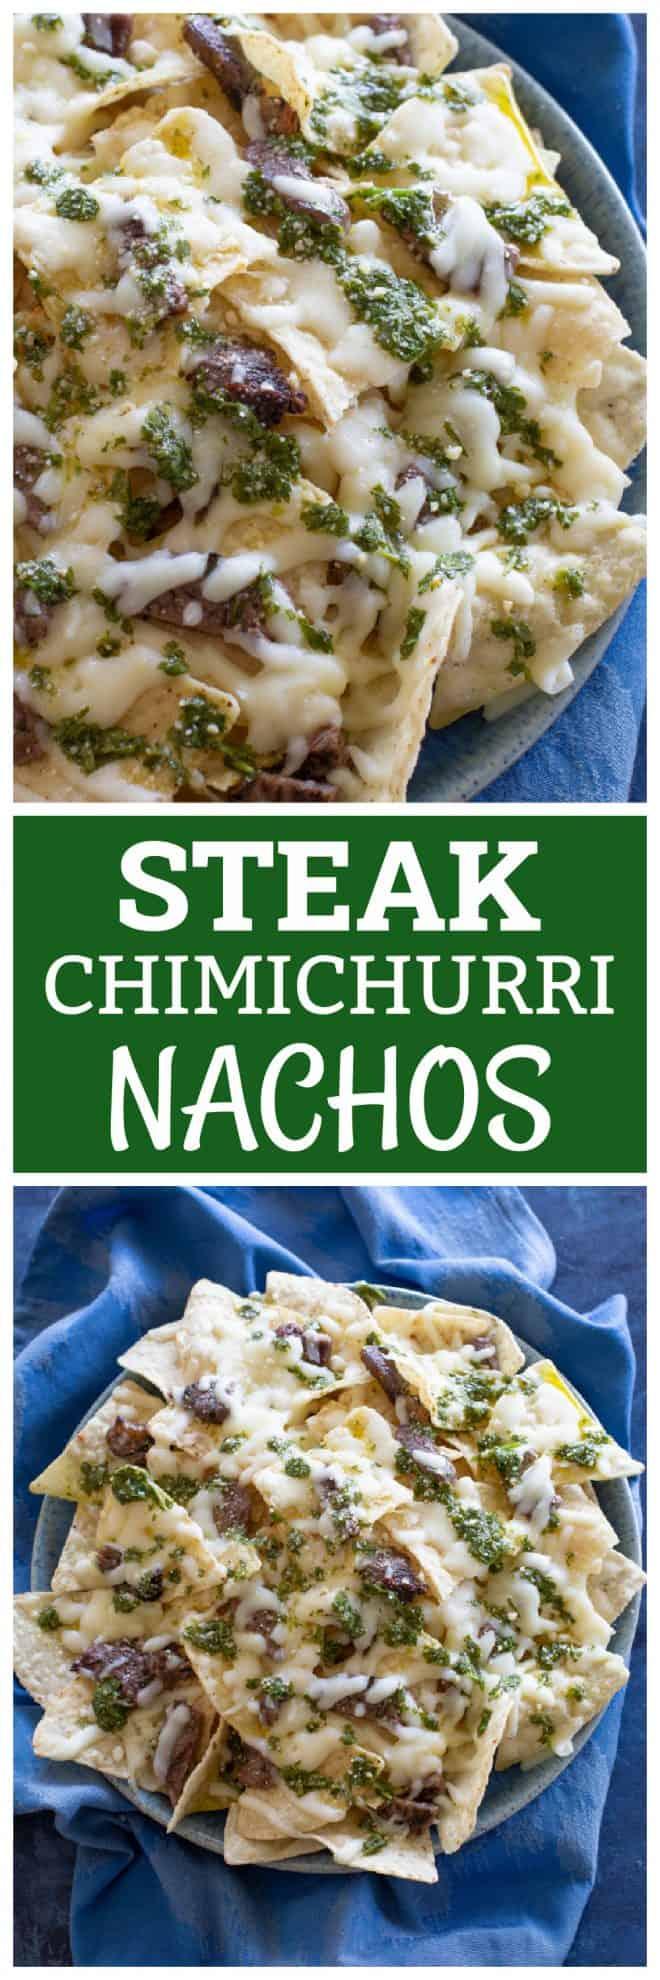 Steak Chimichurri Nachos